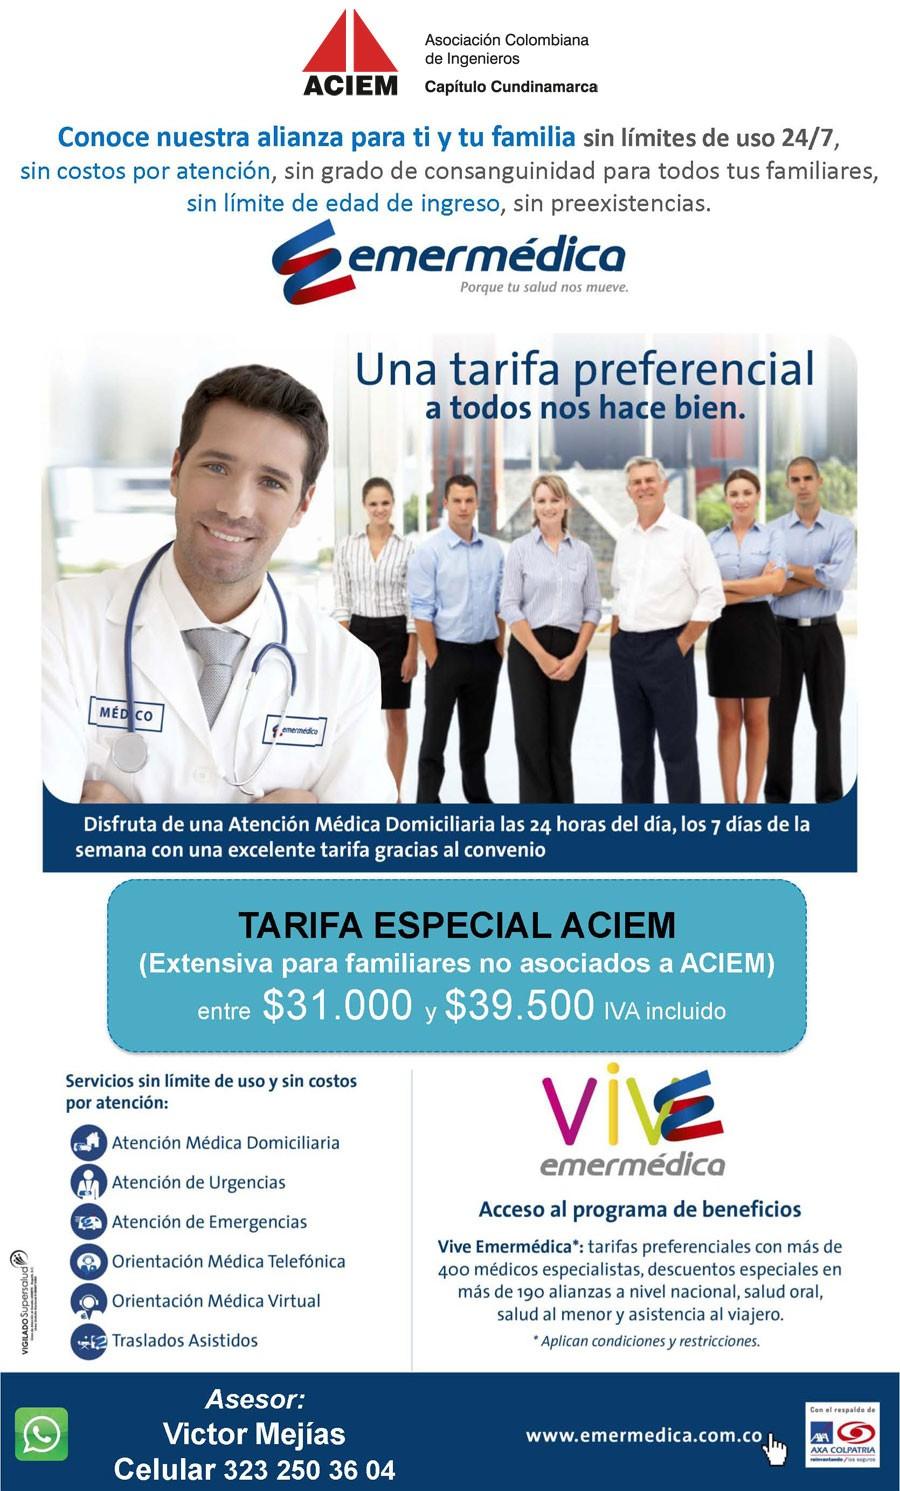 Convenio Emermédica - ACIEM Cundinamarca